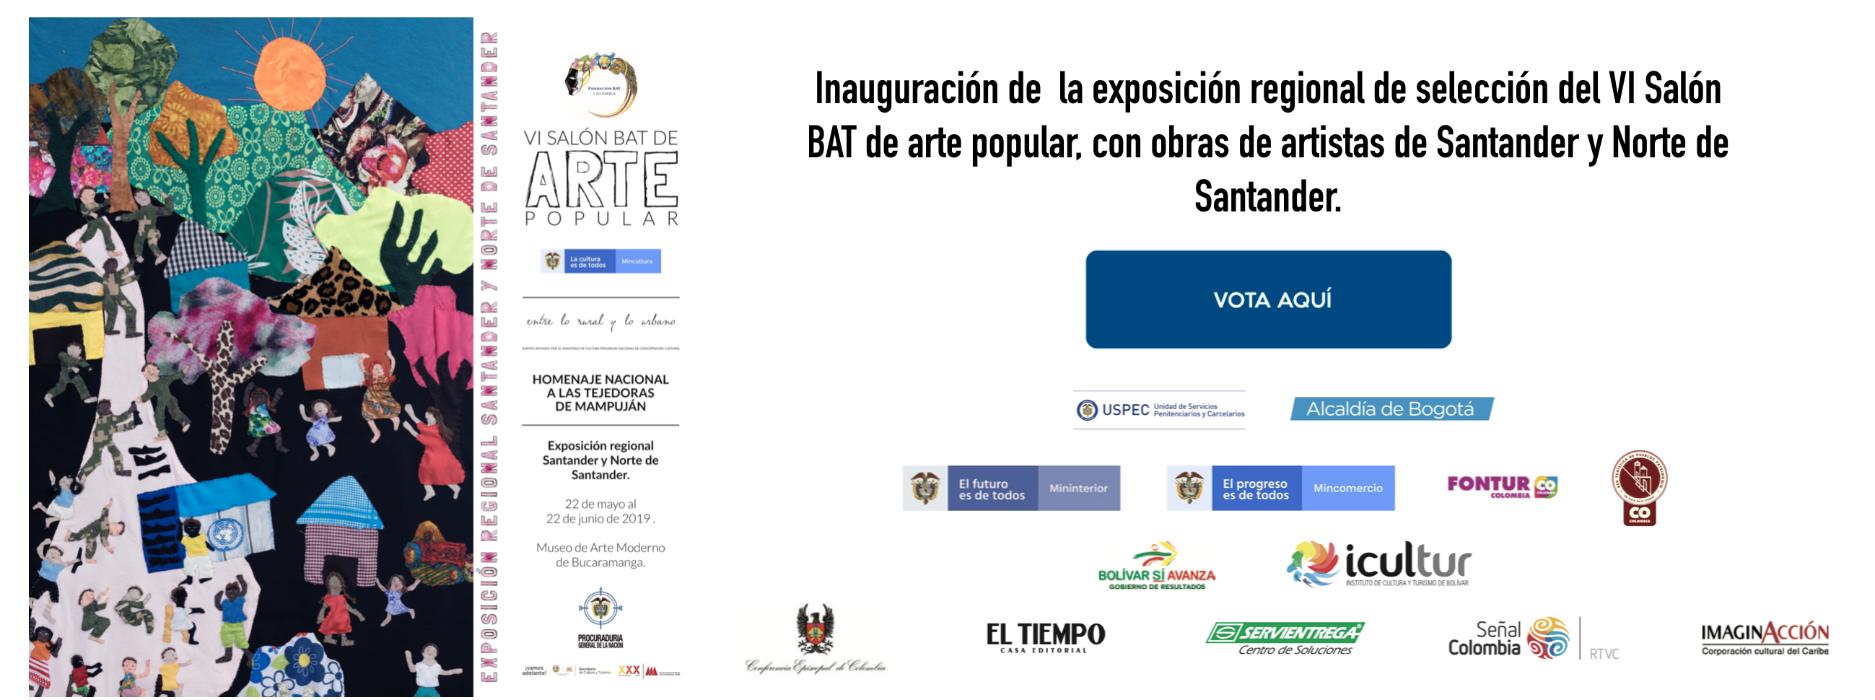 Votos Bucaramanga